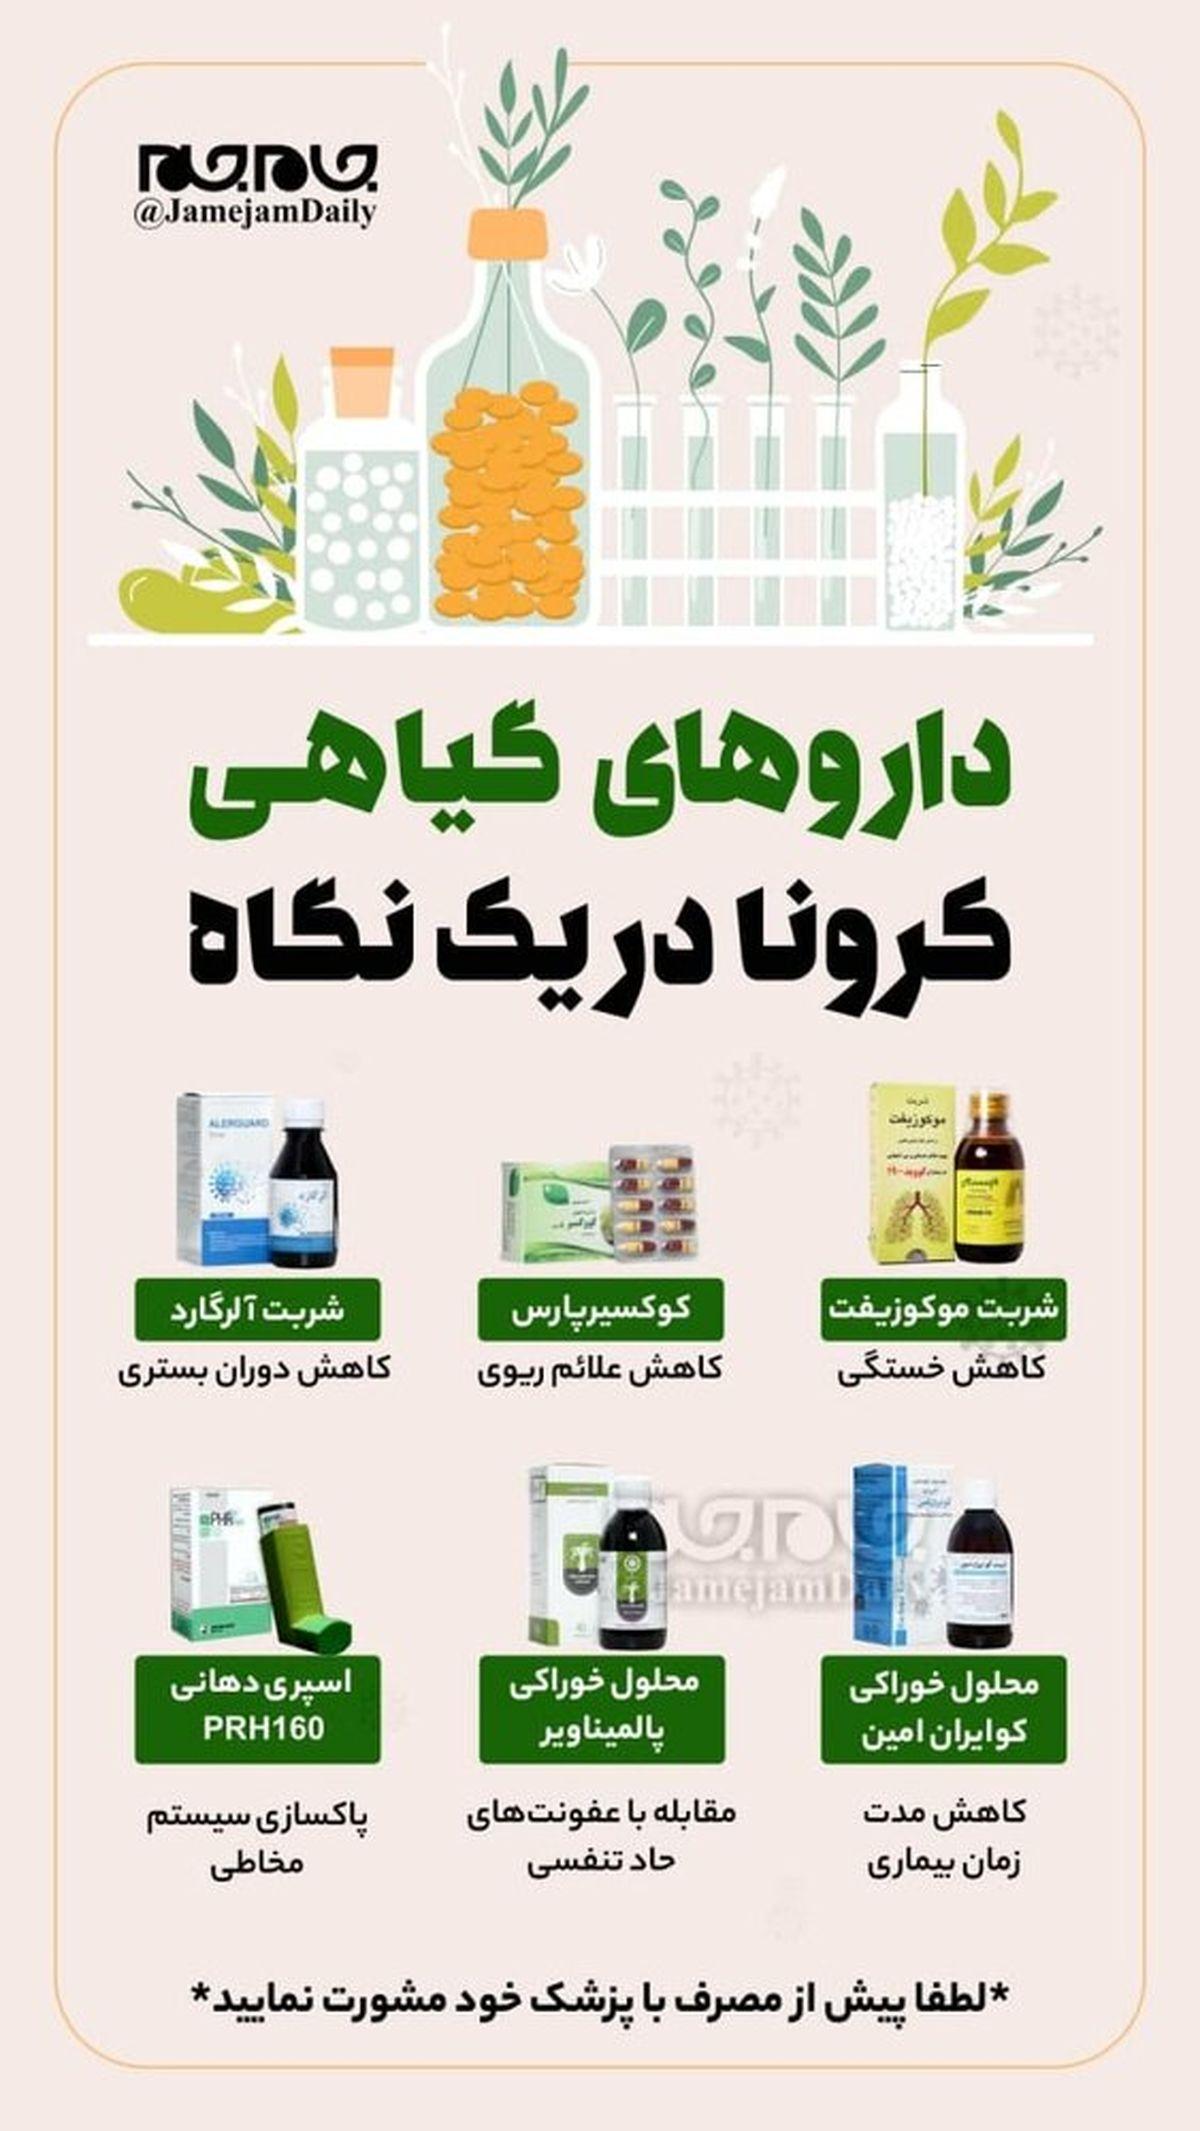 داروهای گیاهی درمان کرونا؛عکس